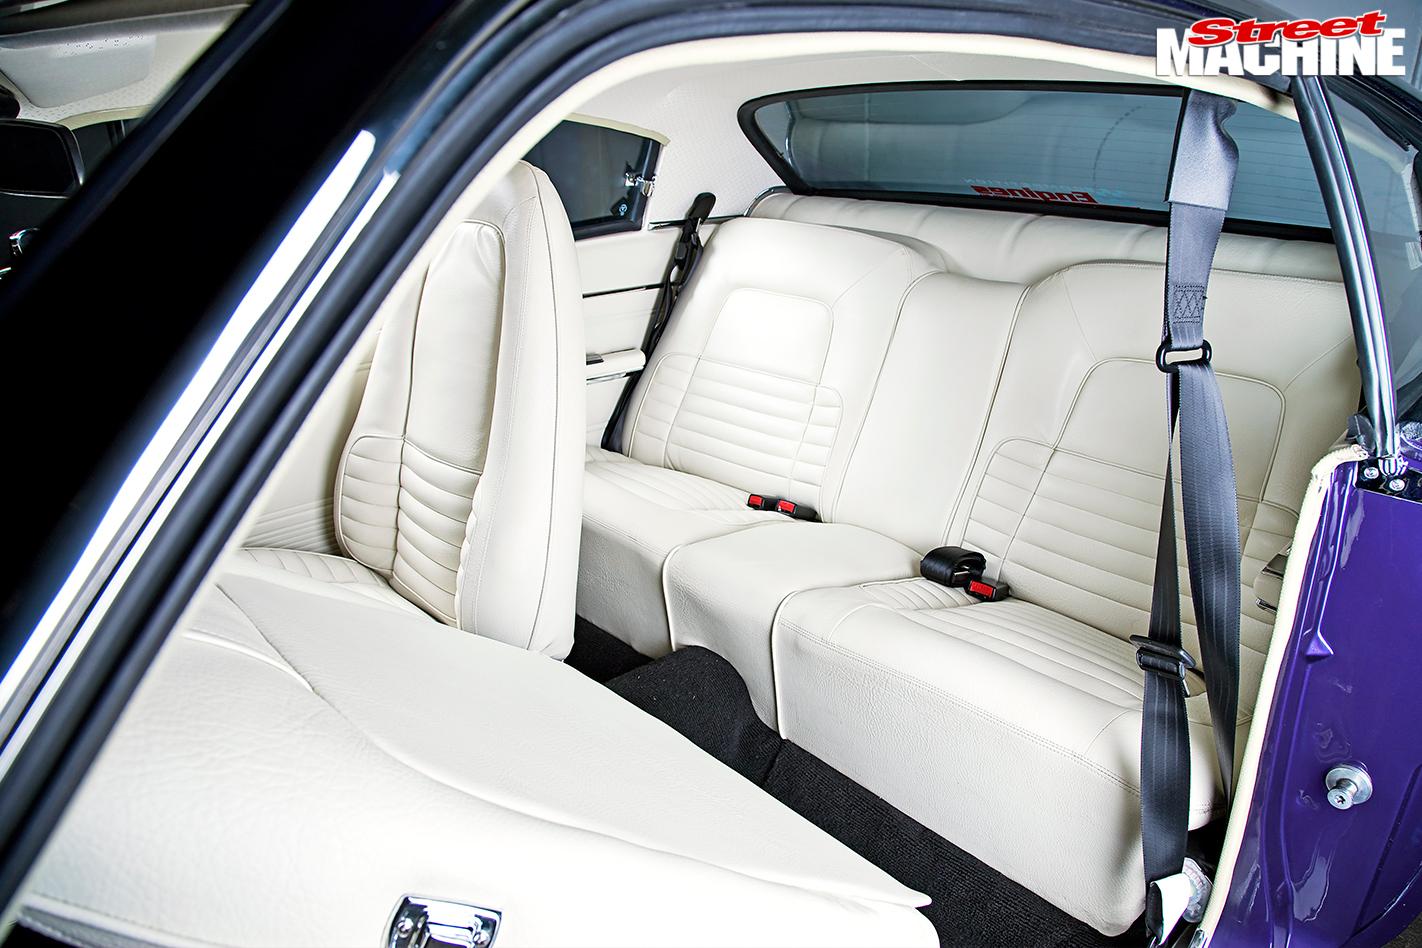 Chrysler -vk -valiant -charger -interior -rear